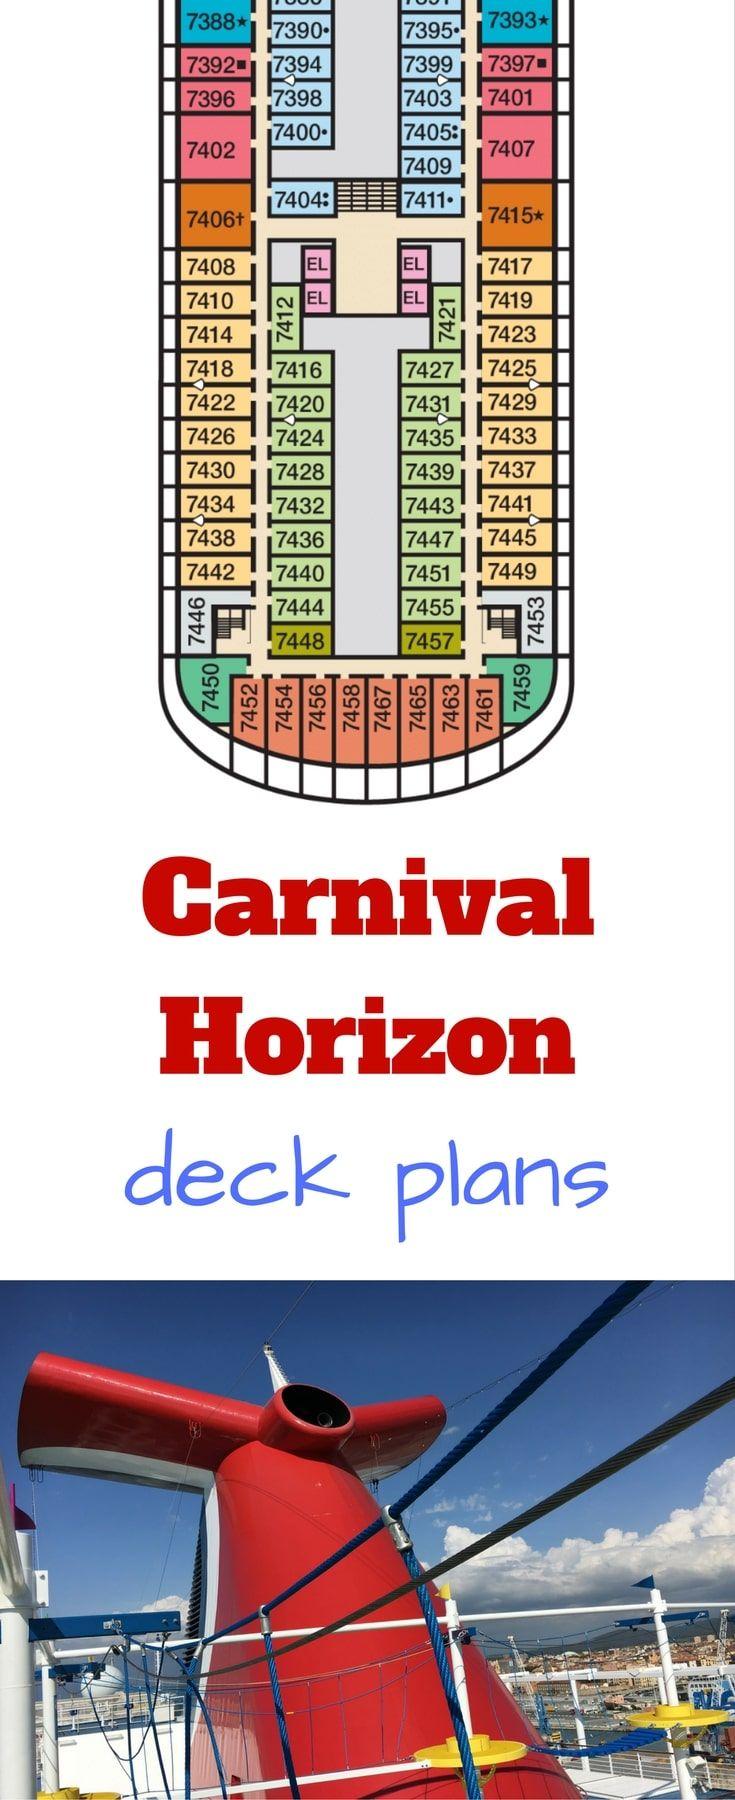 62 Cruise Ship Interior Ideas